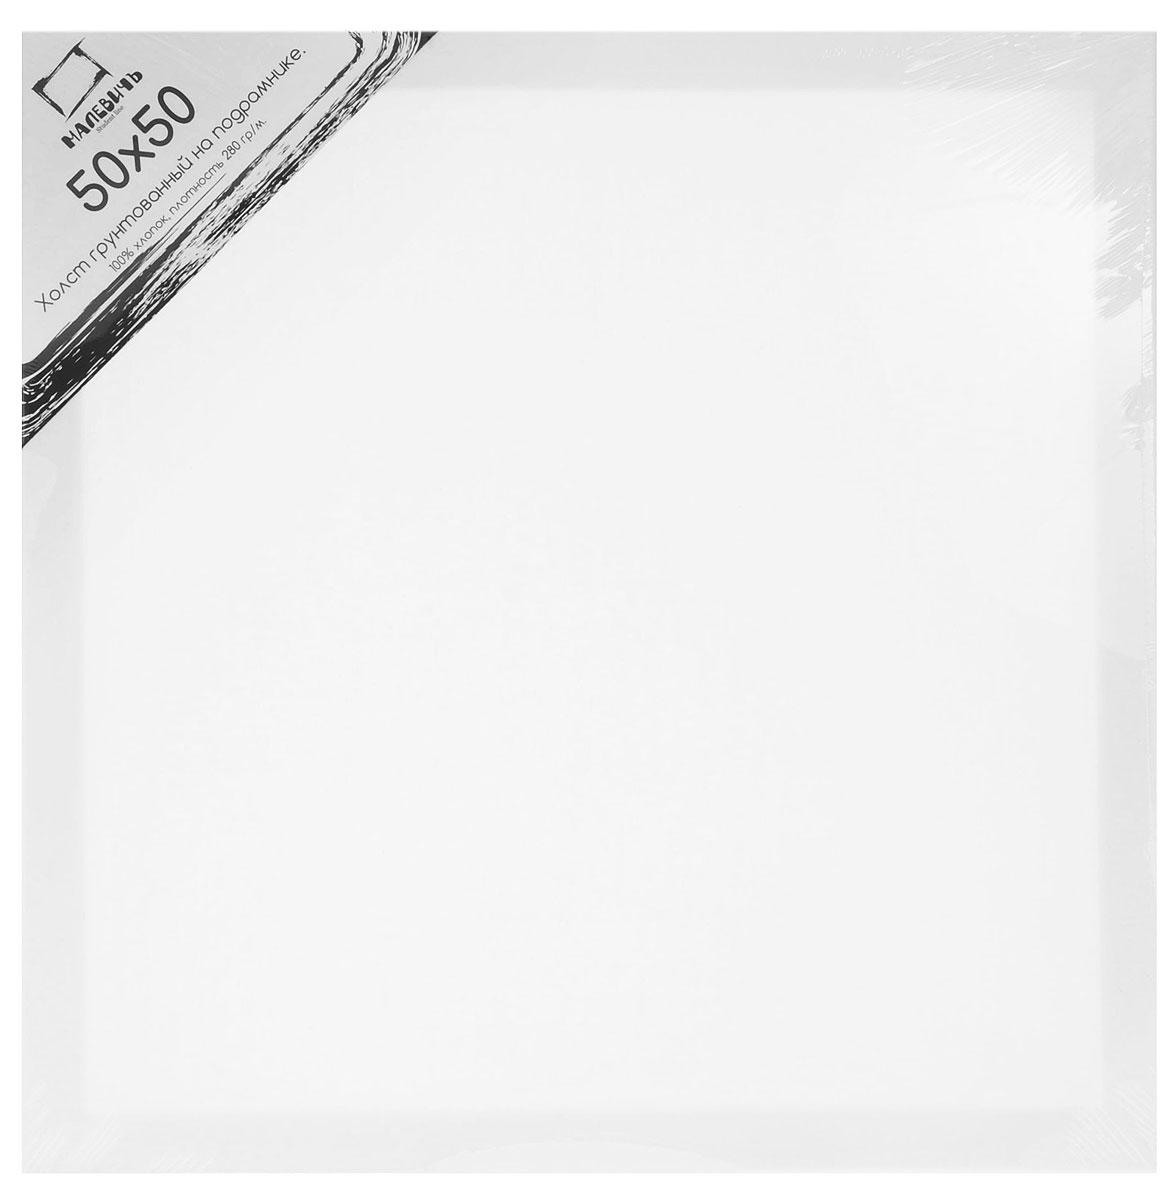 Малевичъ Холст на подрамнике 50 x 50 см 280 г/м2